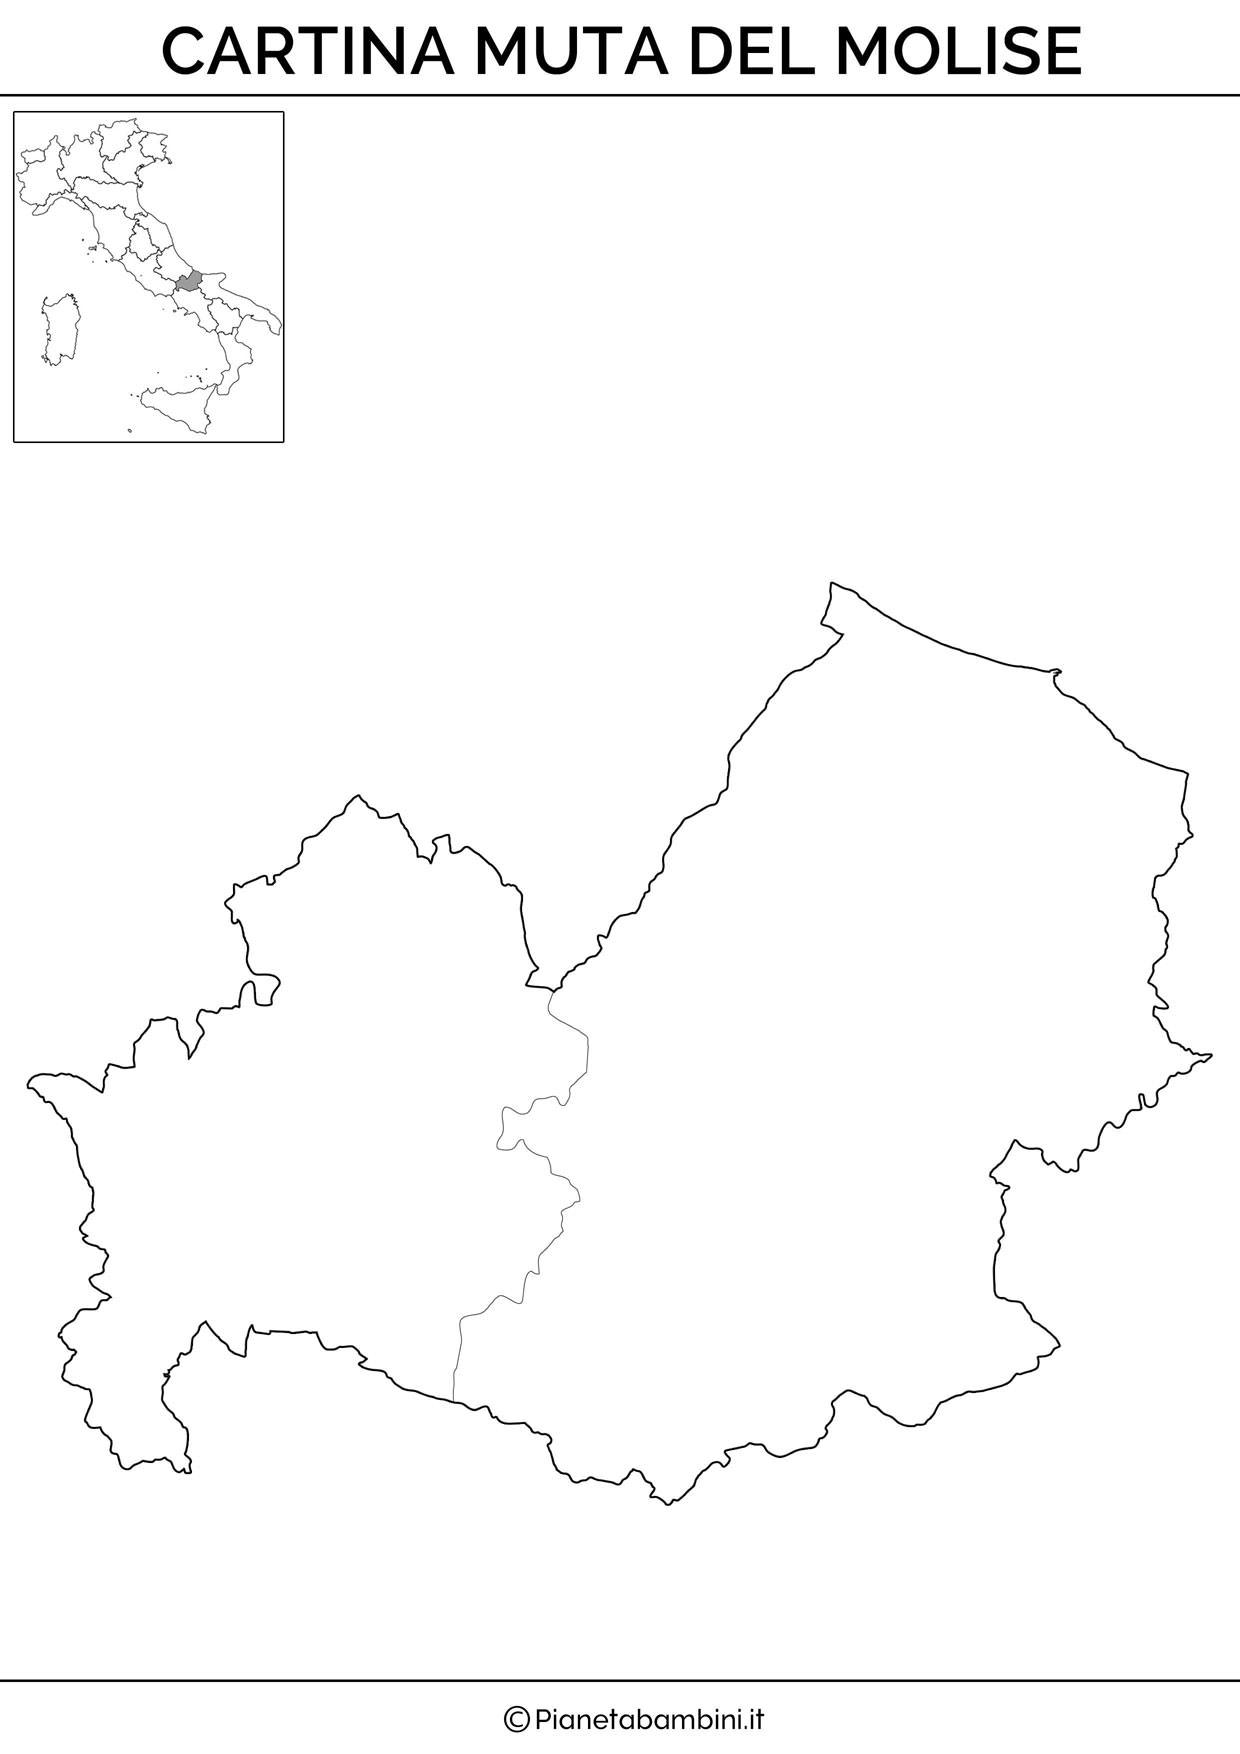 Cartina del Molise in versione muta da stampare gratis